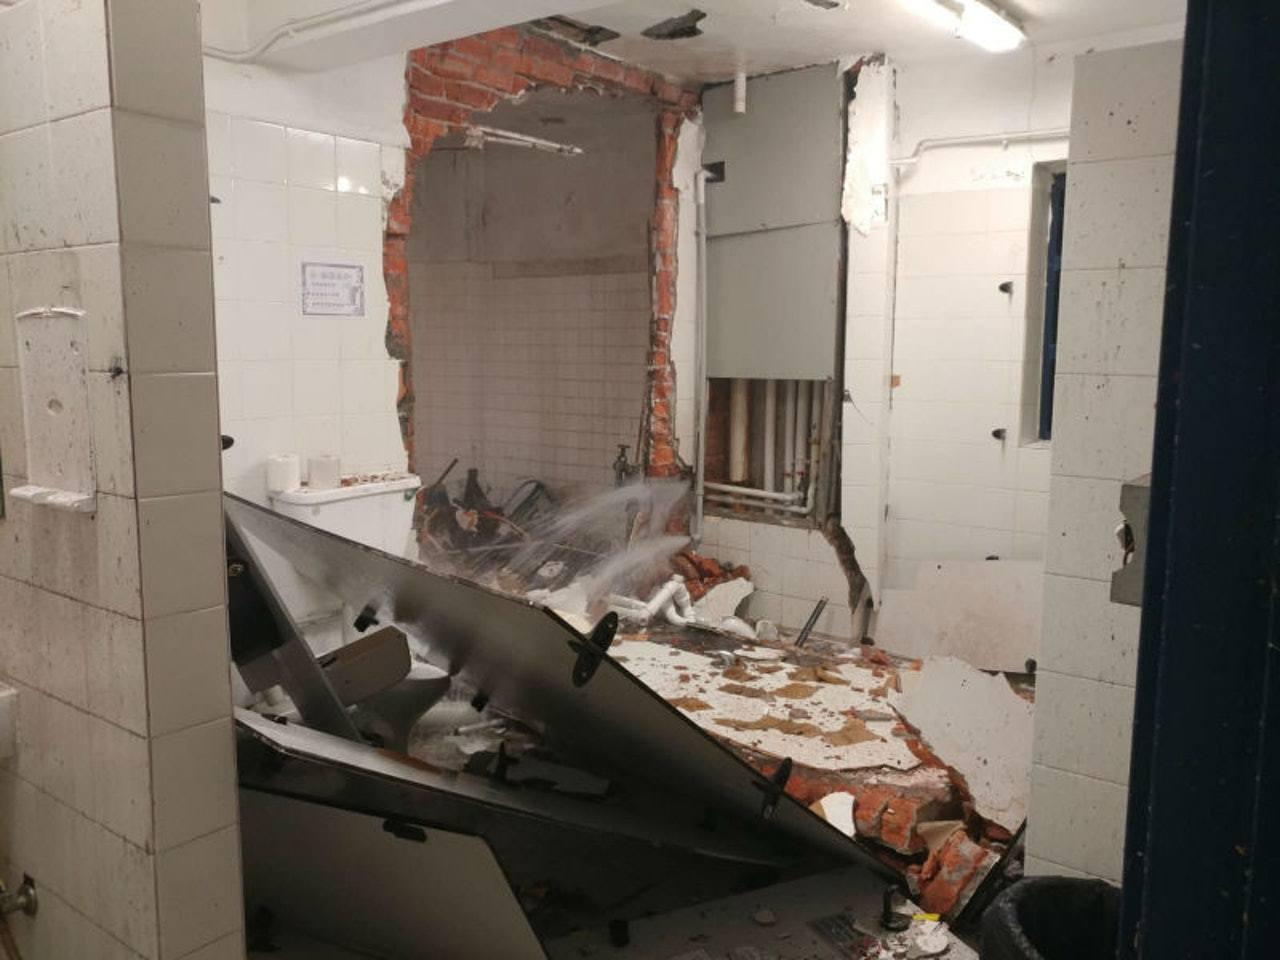 香港紅磡警署洗手間一個熱水爐在昨晚近11時爆炸,傳出巨響,有抽氣扇及窗框飛彈地面...